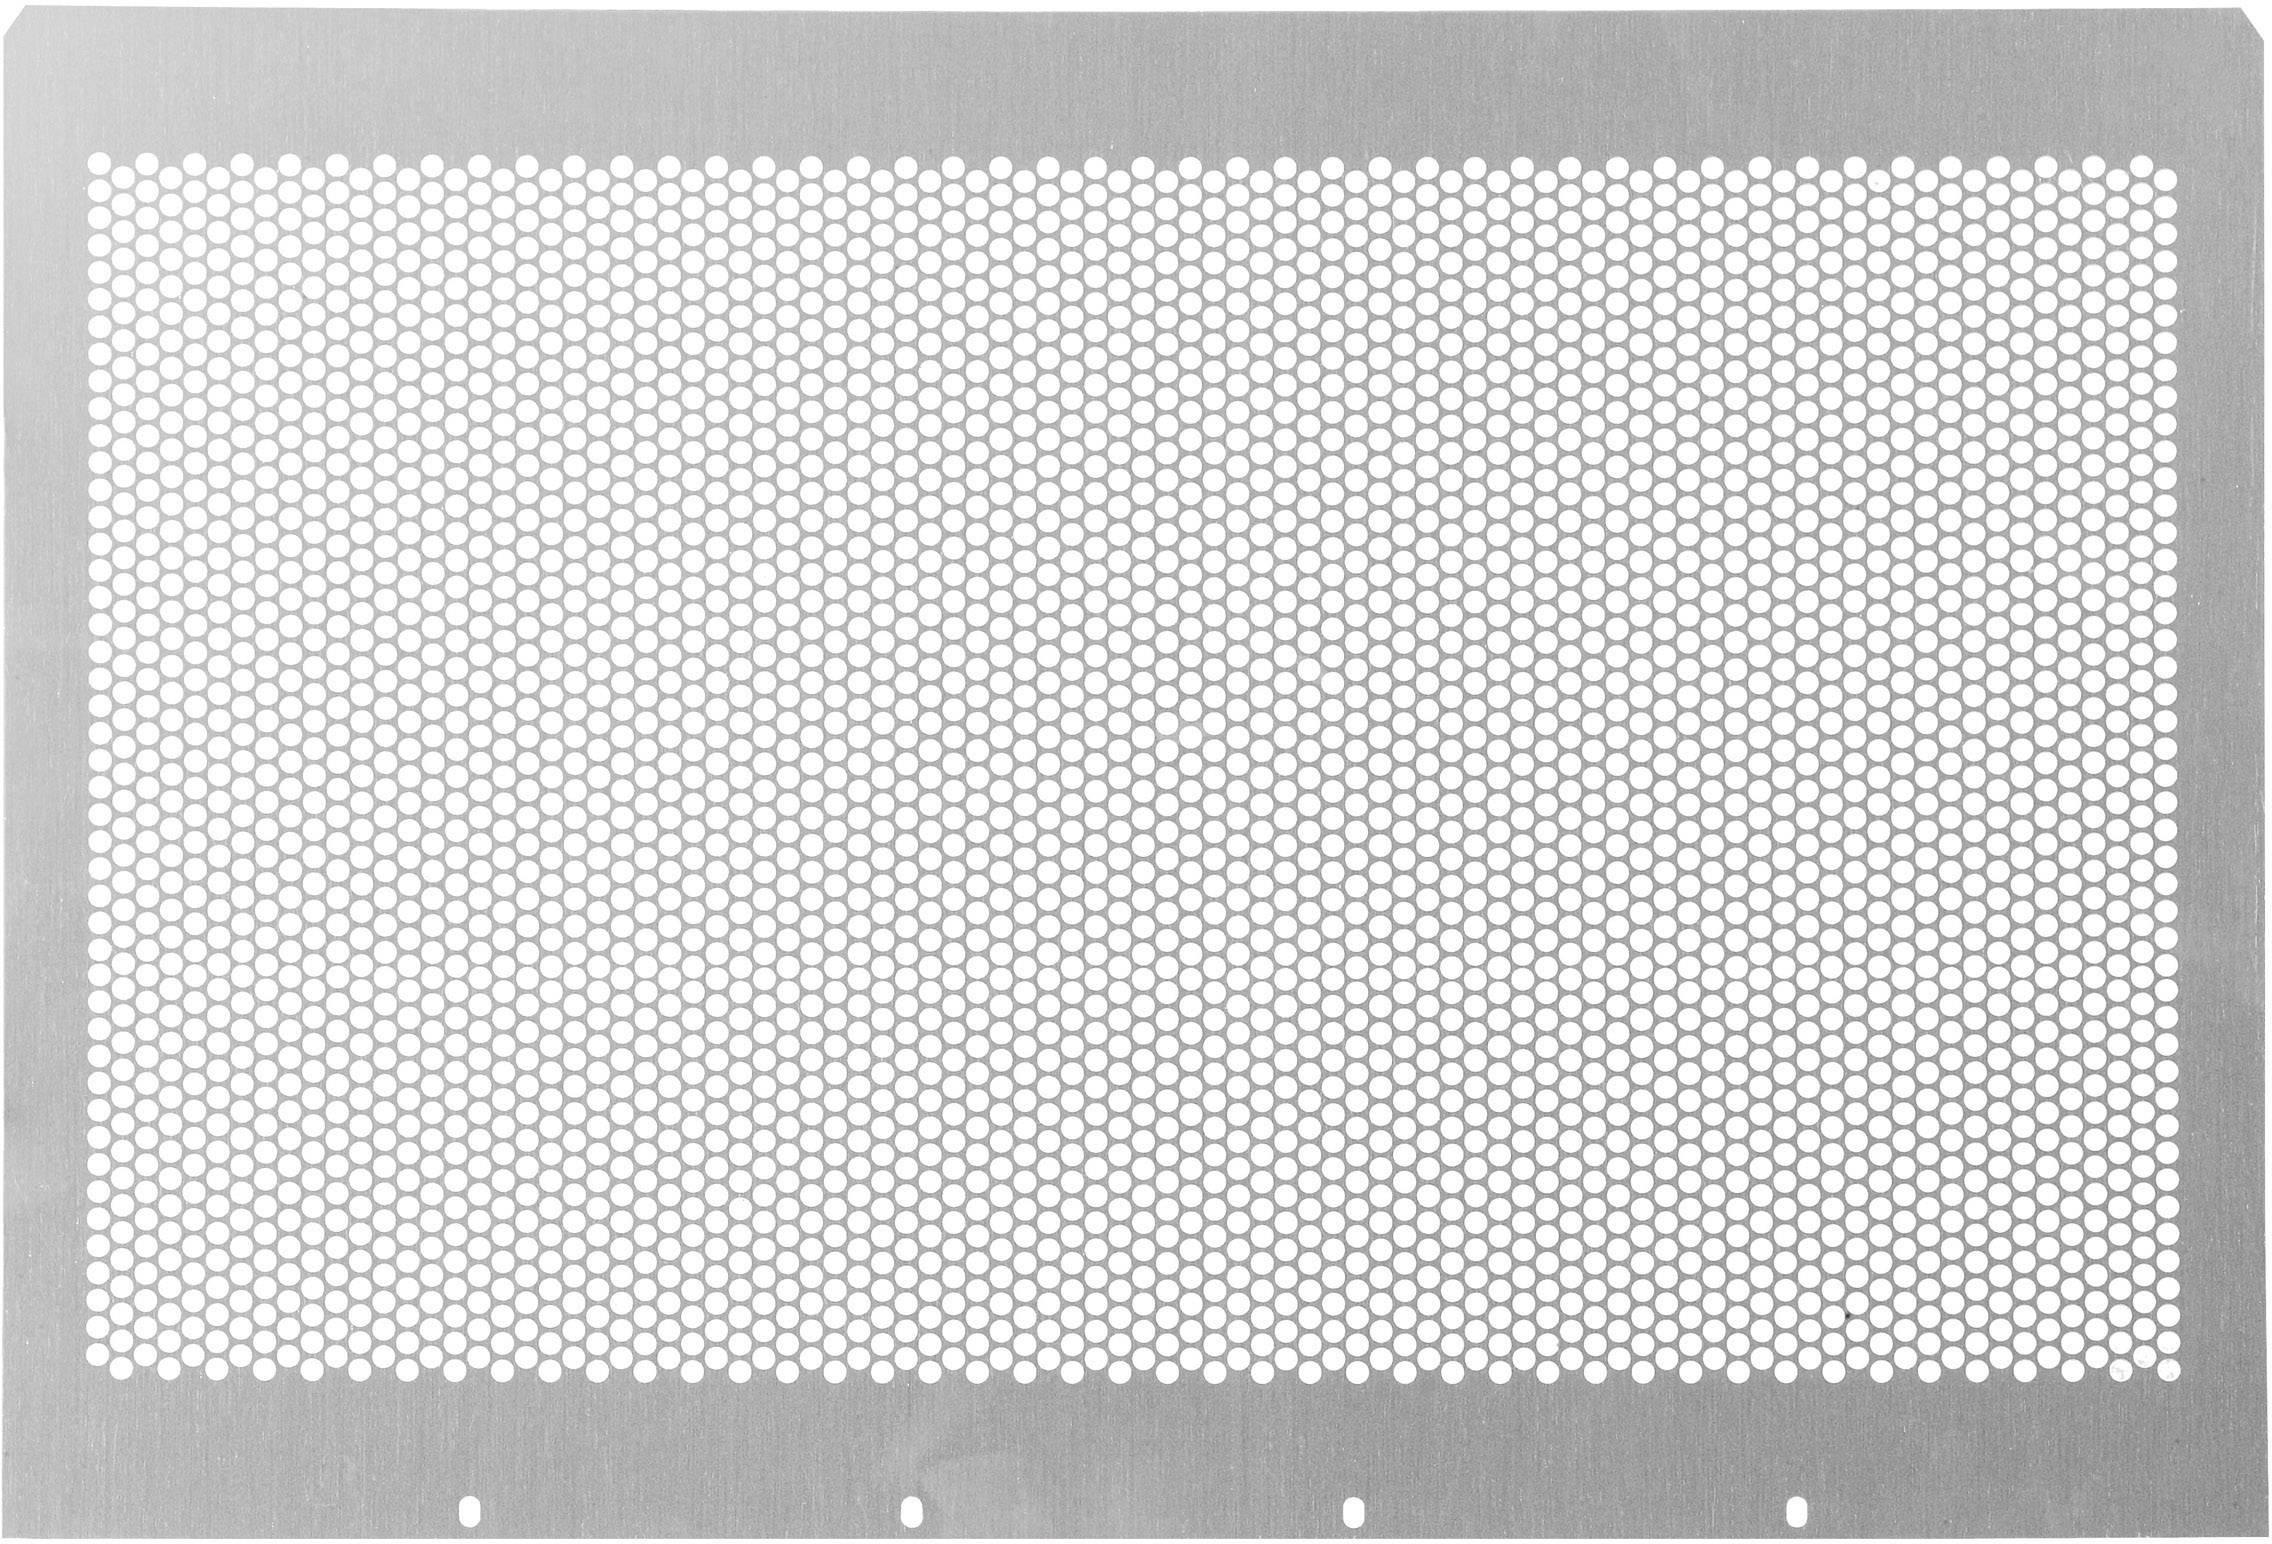 Krycí plech Schroff;multipacPRO 30860-511, (š x v x h) 412 x 1 x 280 mm, 1 ks